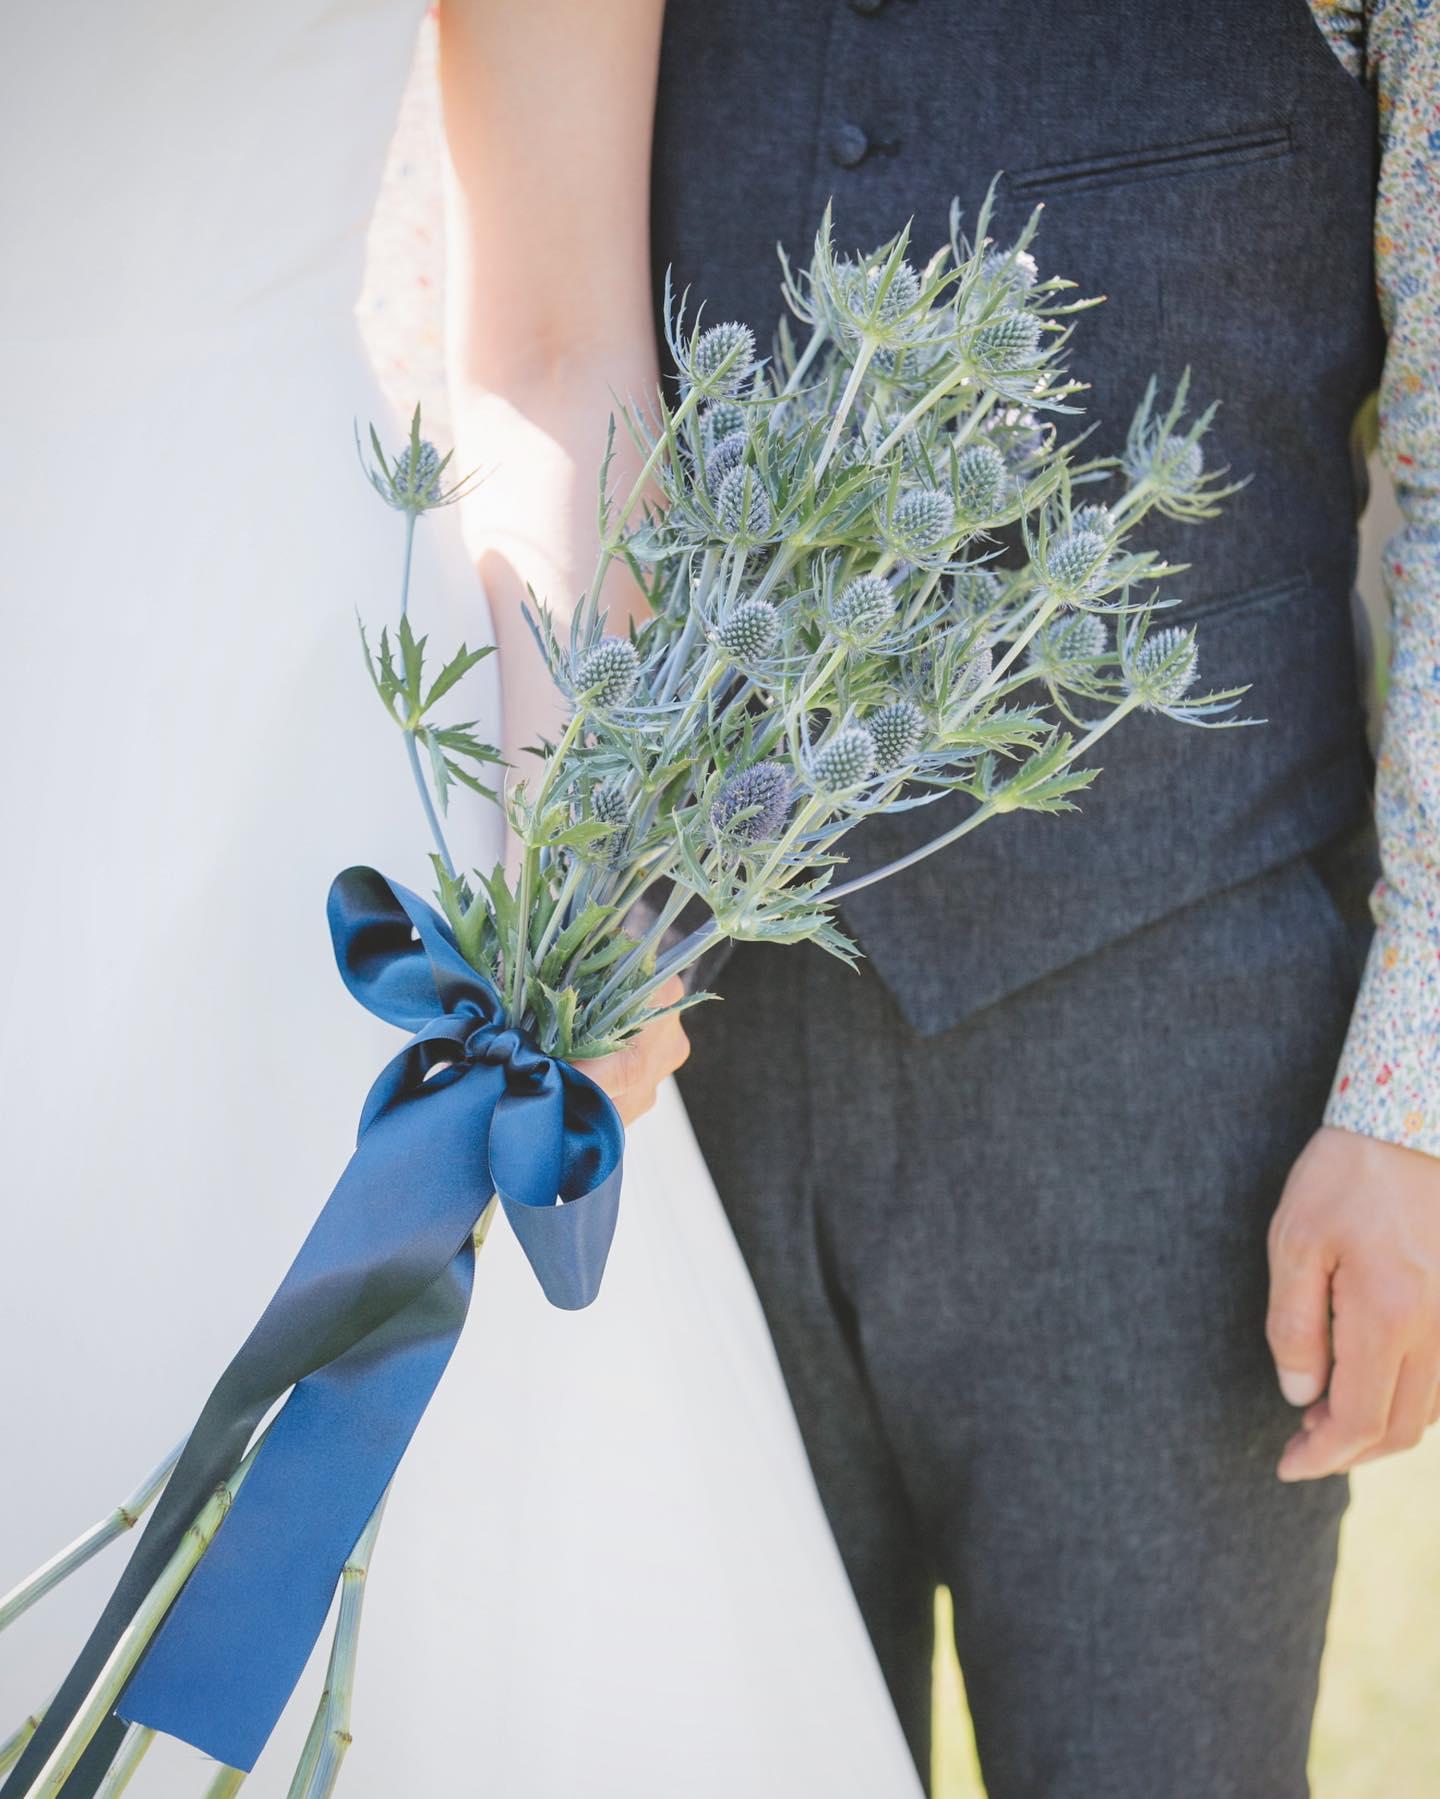 ・自然の中でゲストと一緒に楽しめるガーデンウエディングやアウトドアウエディング・legeretesのドレスはレンタルではございませんのでそんな中でも思いっきり楽しんでいただけます・legeretesではお式のシチュエーションやパーティーの内容に合わせて様々なコーディネートをご提案いたします・DMからでもお気軽にご相談下さい🕊・#wedding #weddingdress #legeretes #claras #paris #vowrenewal#ウェディングドレス #プレ花嫁 #ドレス試着 #2021春婚 #2021夏婚 #2021冬婚 #ヘアメイク #結婚式  #ドレス選び #前撮り #後撮り #フォトウェディング #ウェディングヘア  #フォト婚 #前撮り写真 #ブライダルフォト #カップルフォト #ウェディングドレス探し #ウェディングドレス試着 #レンタルドレス #ドレスショップ #家族婚 #バウリニューアル #記念日婚